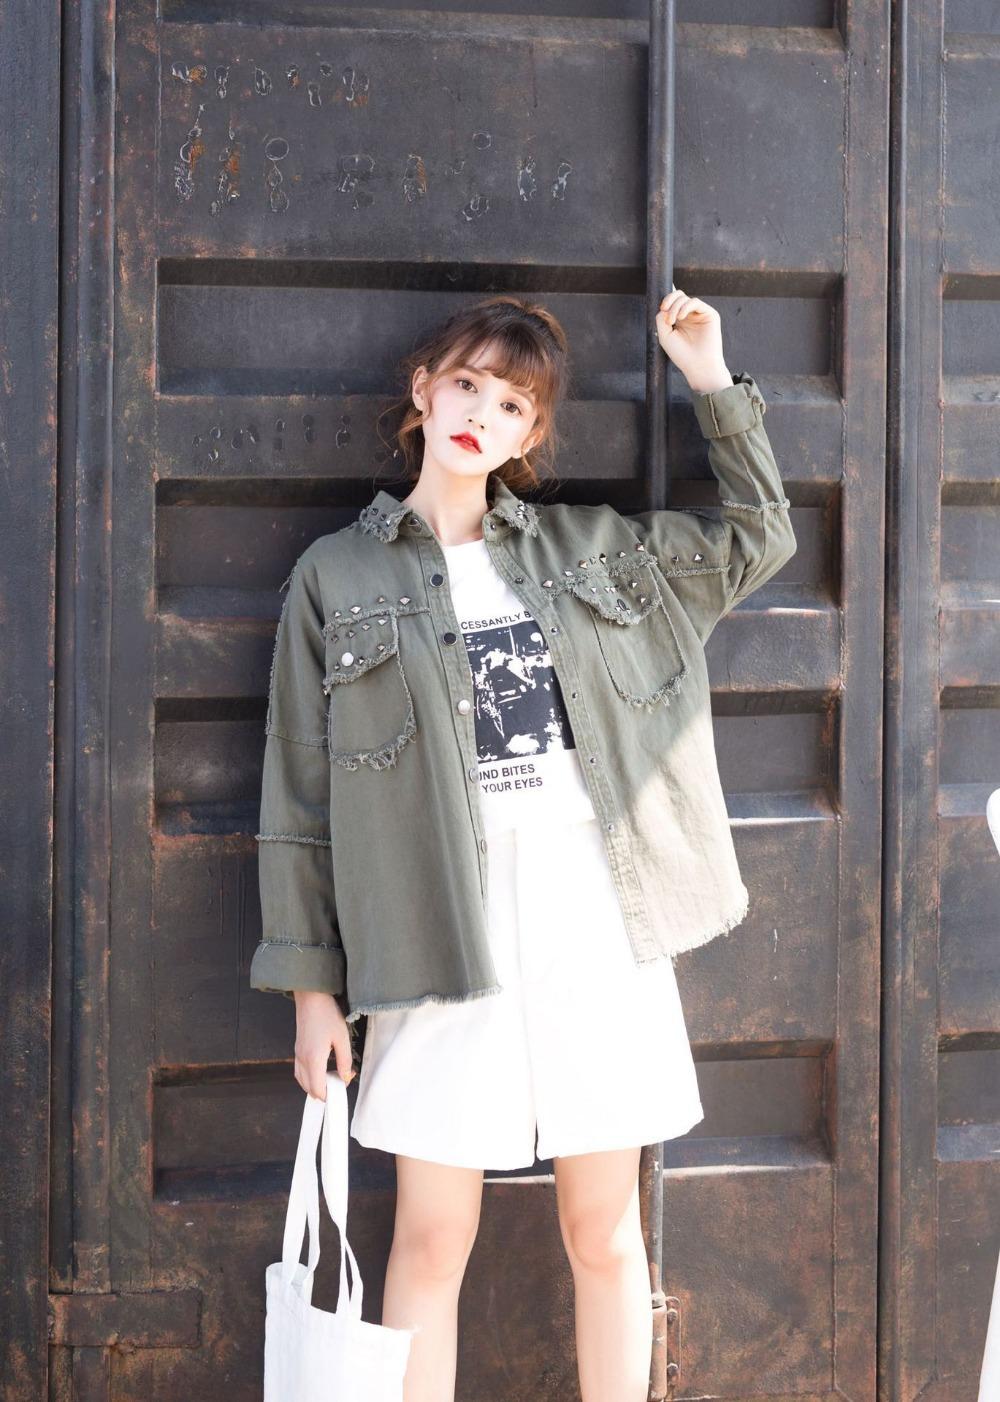 Mujeres Otoño Haoduoyi Moda 2018 Negro Tachonado Coreana Compre FqzxwXWT